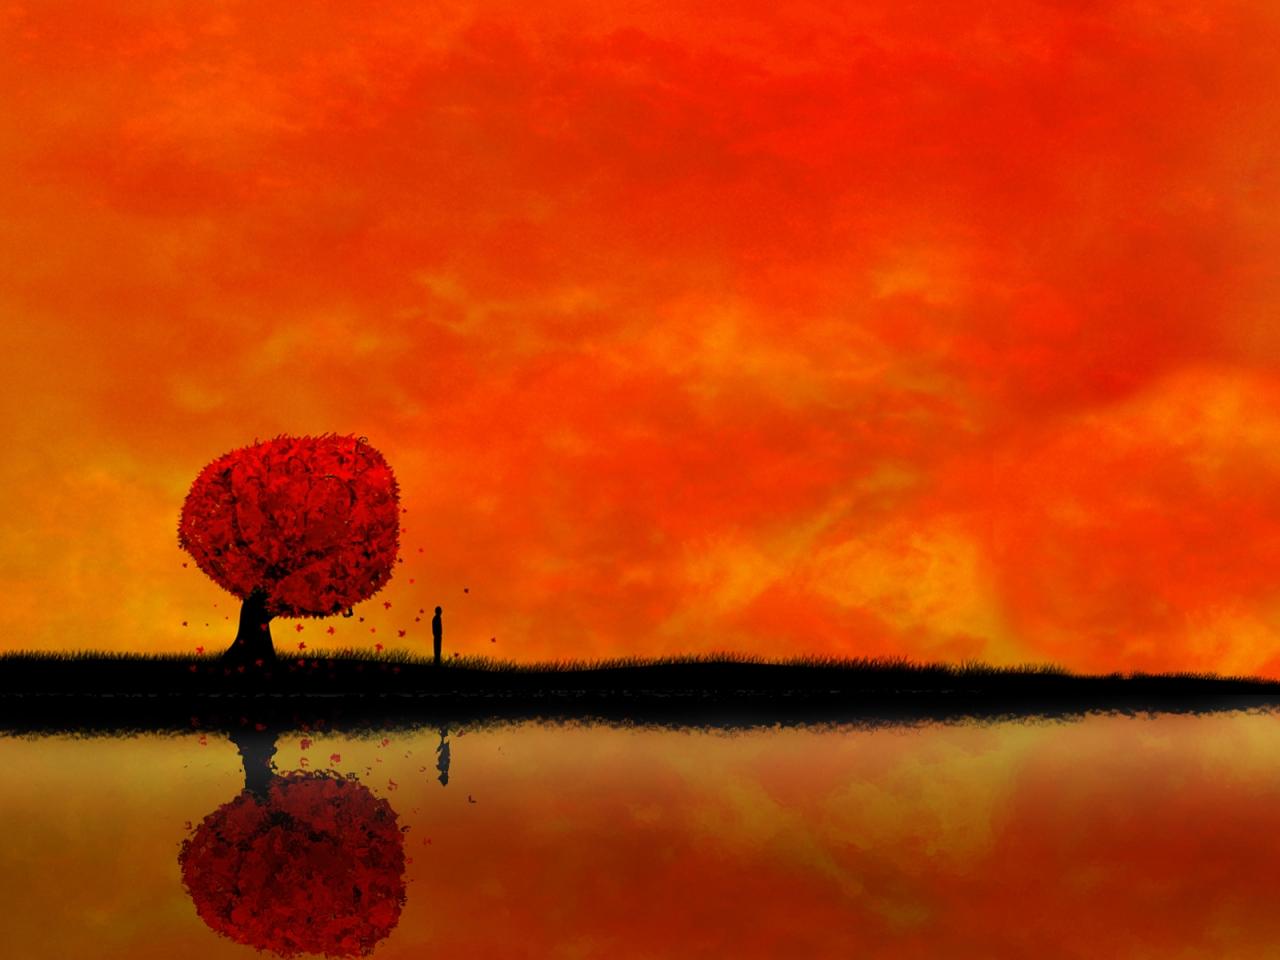 Atardecer digital paisaje - 1280x960